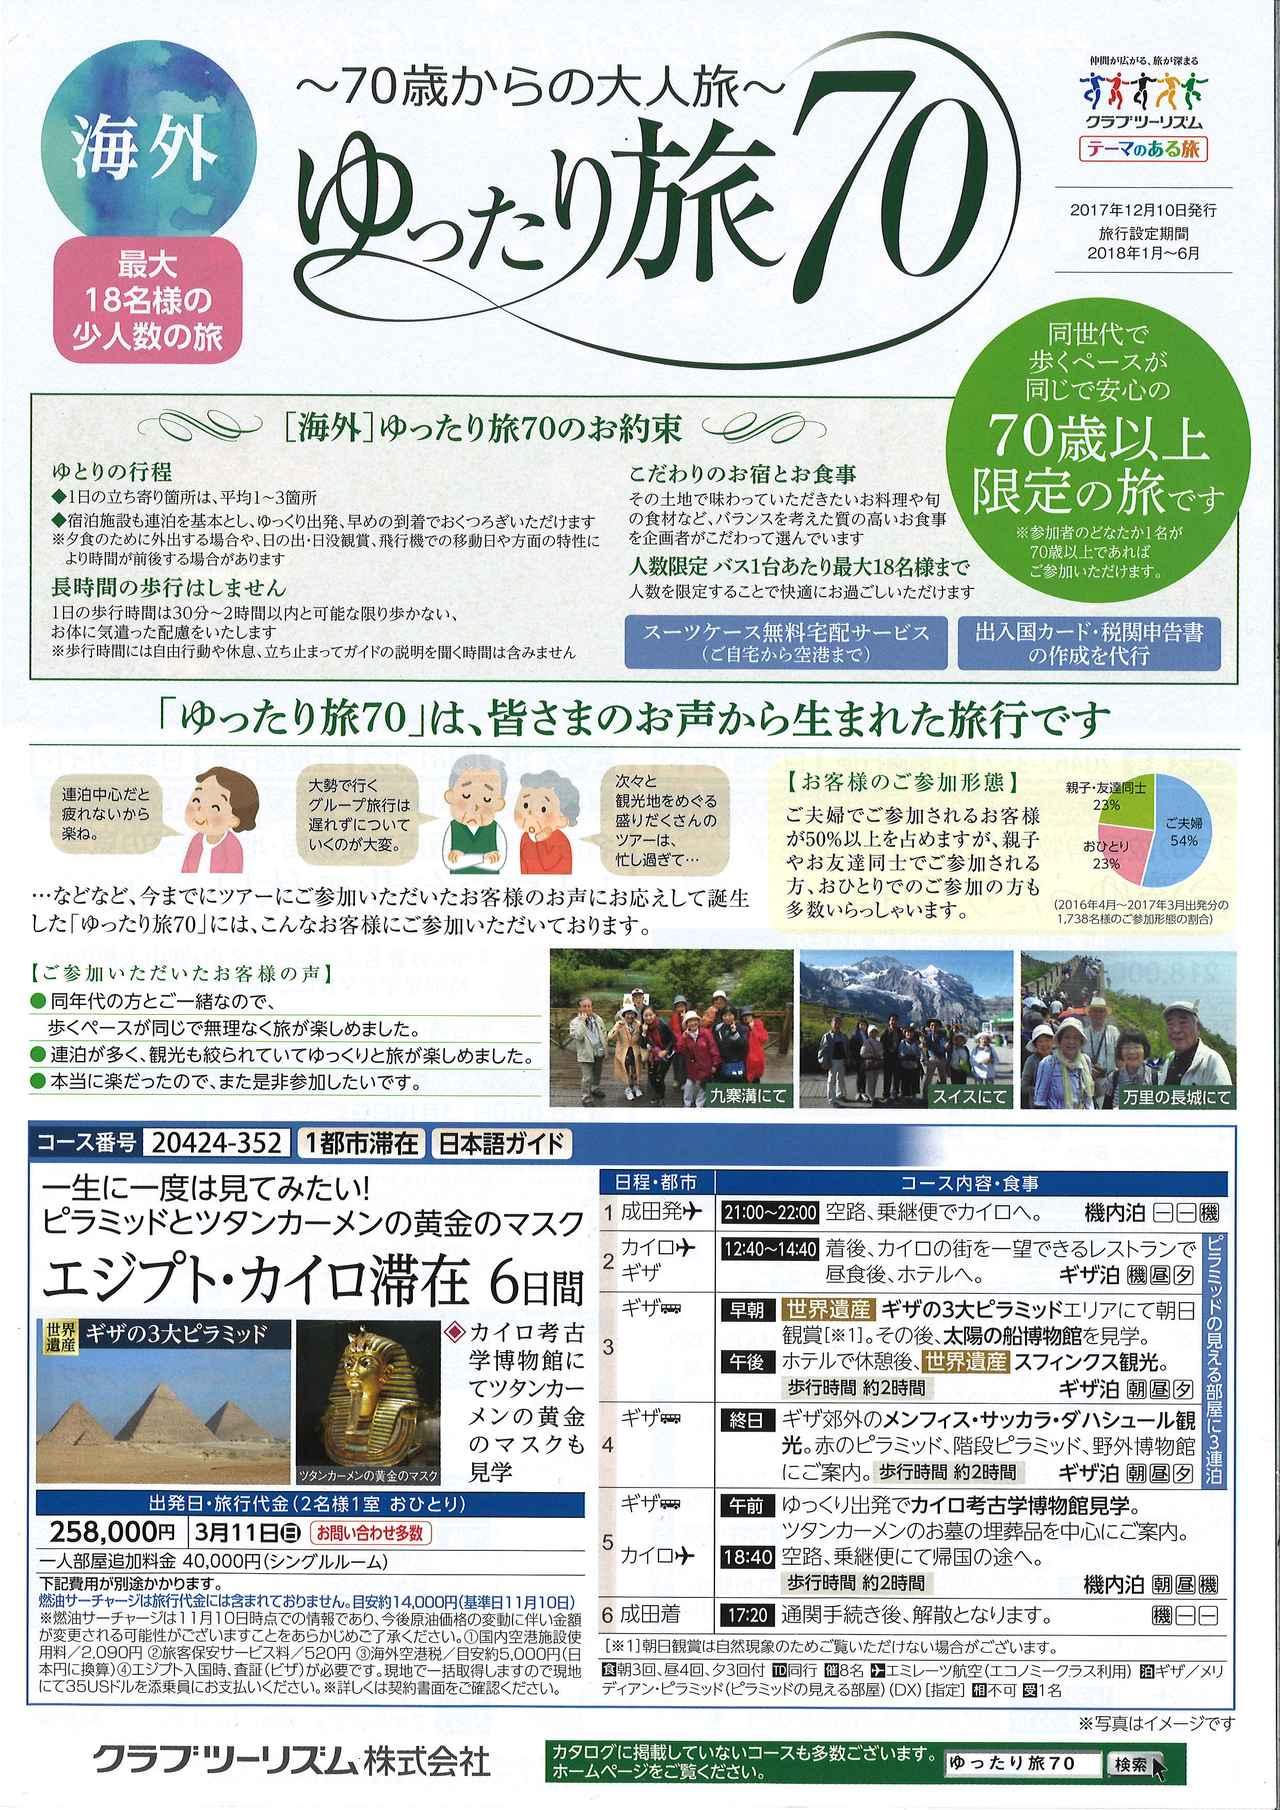 画像: 12/10発行 海外ゆったり旅70